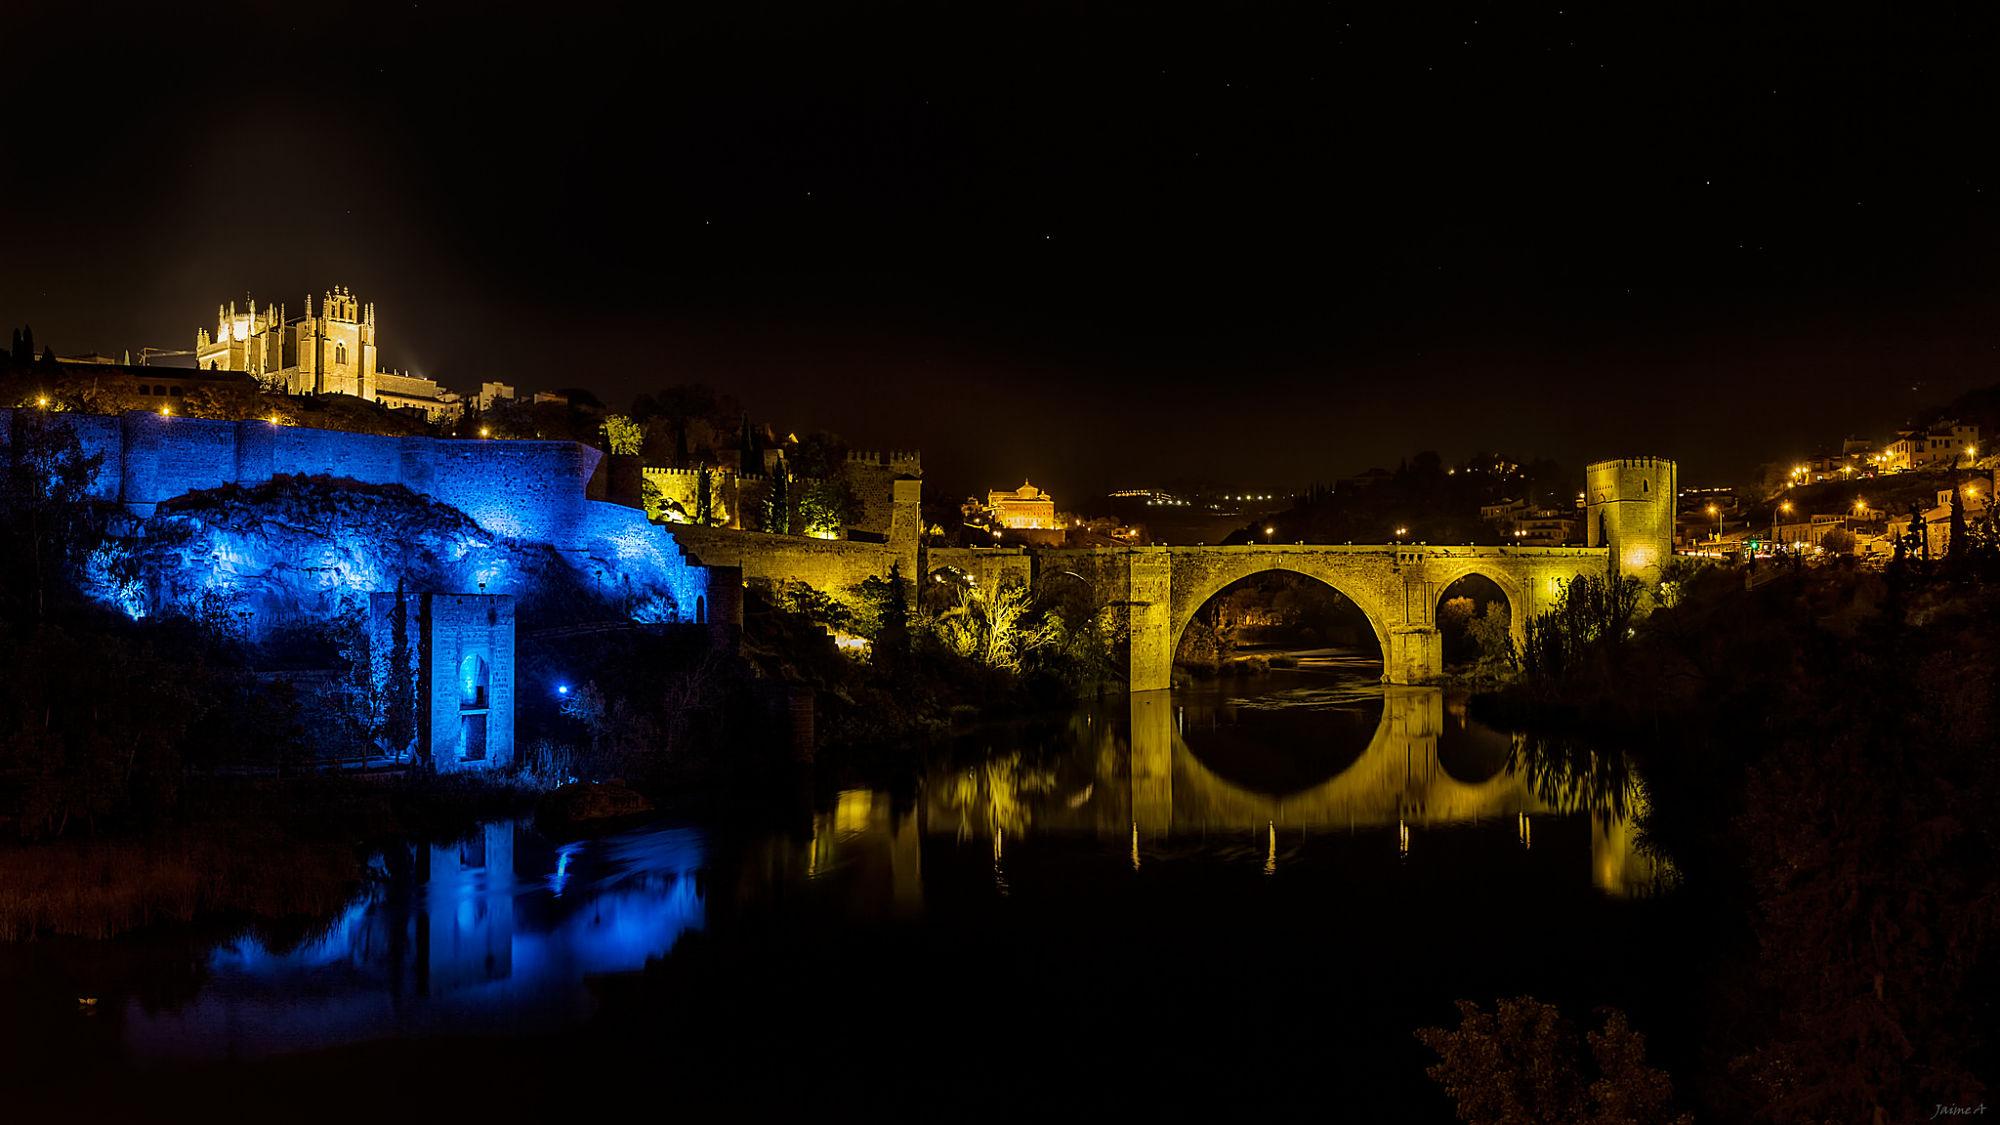 Puente de San Martin Toledo, iluminado por la noche